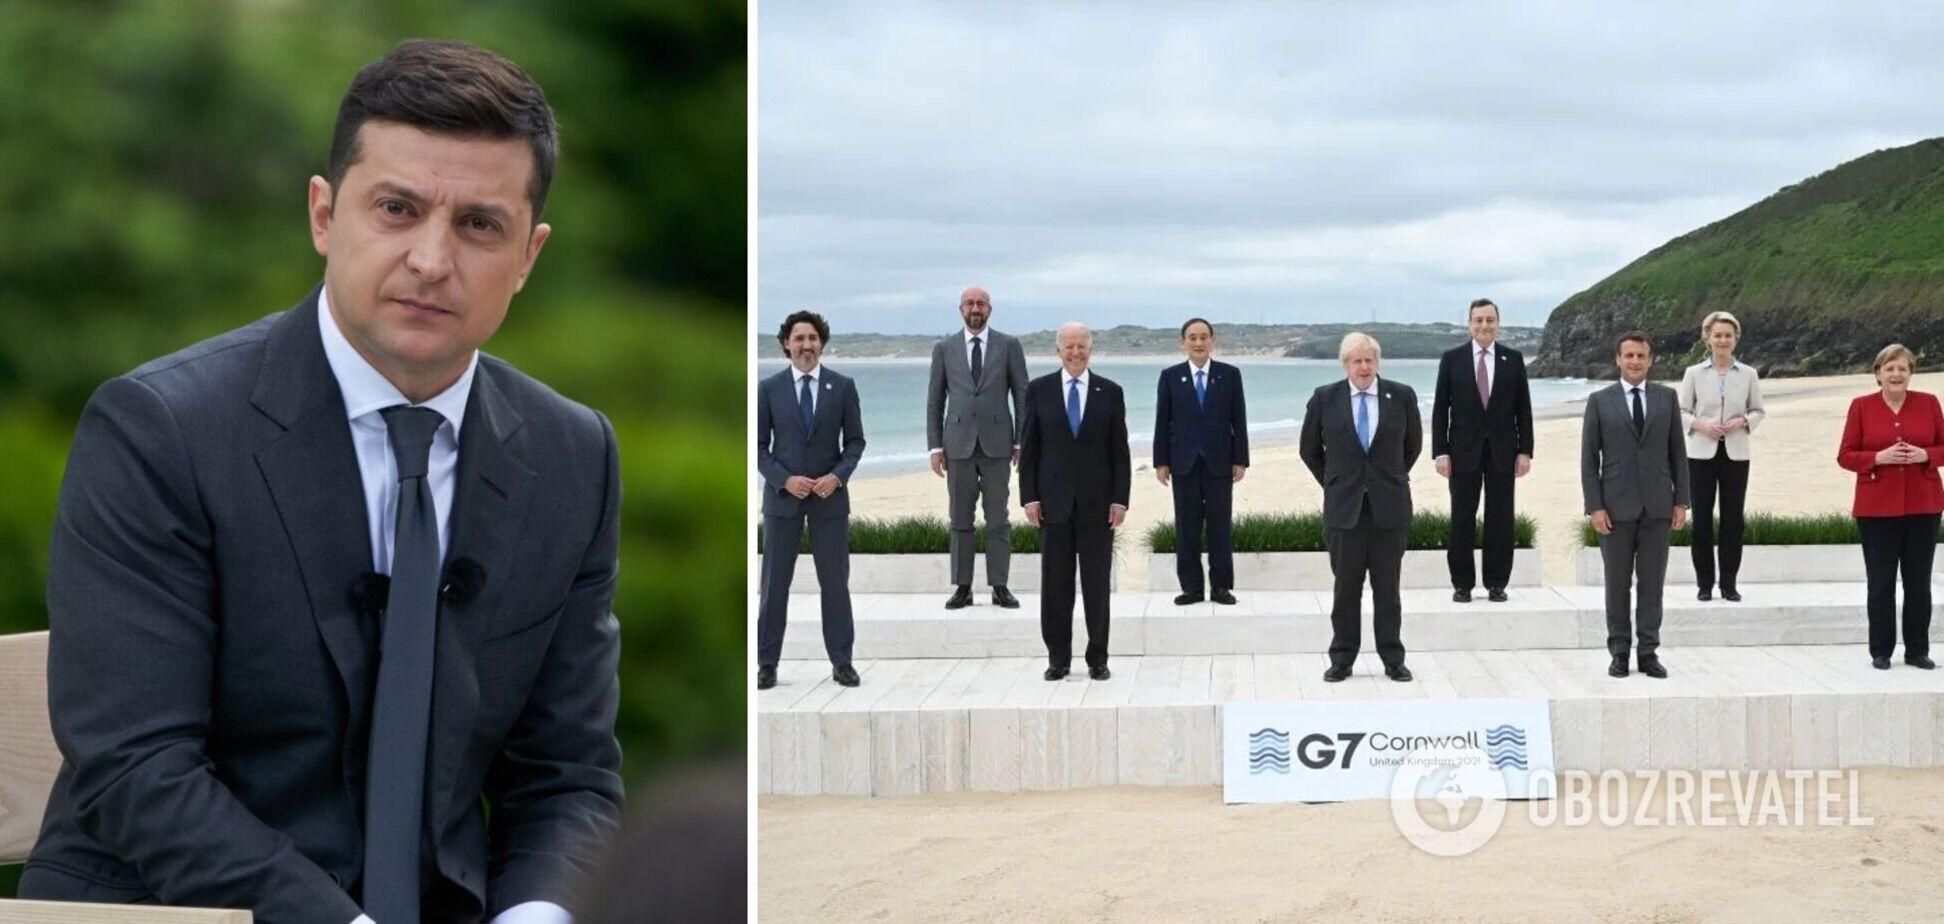 Зеленский ответил лидерам G7 на решение по агрессии России на Донбассе и в Крыму